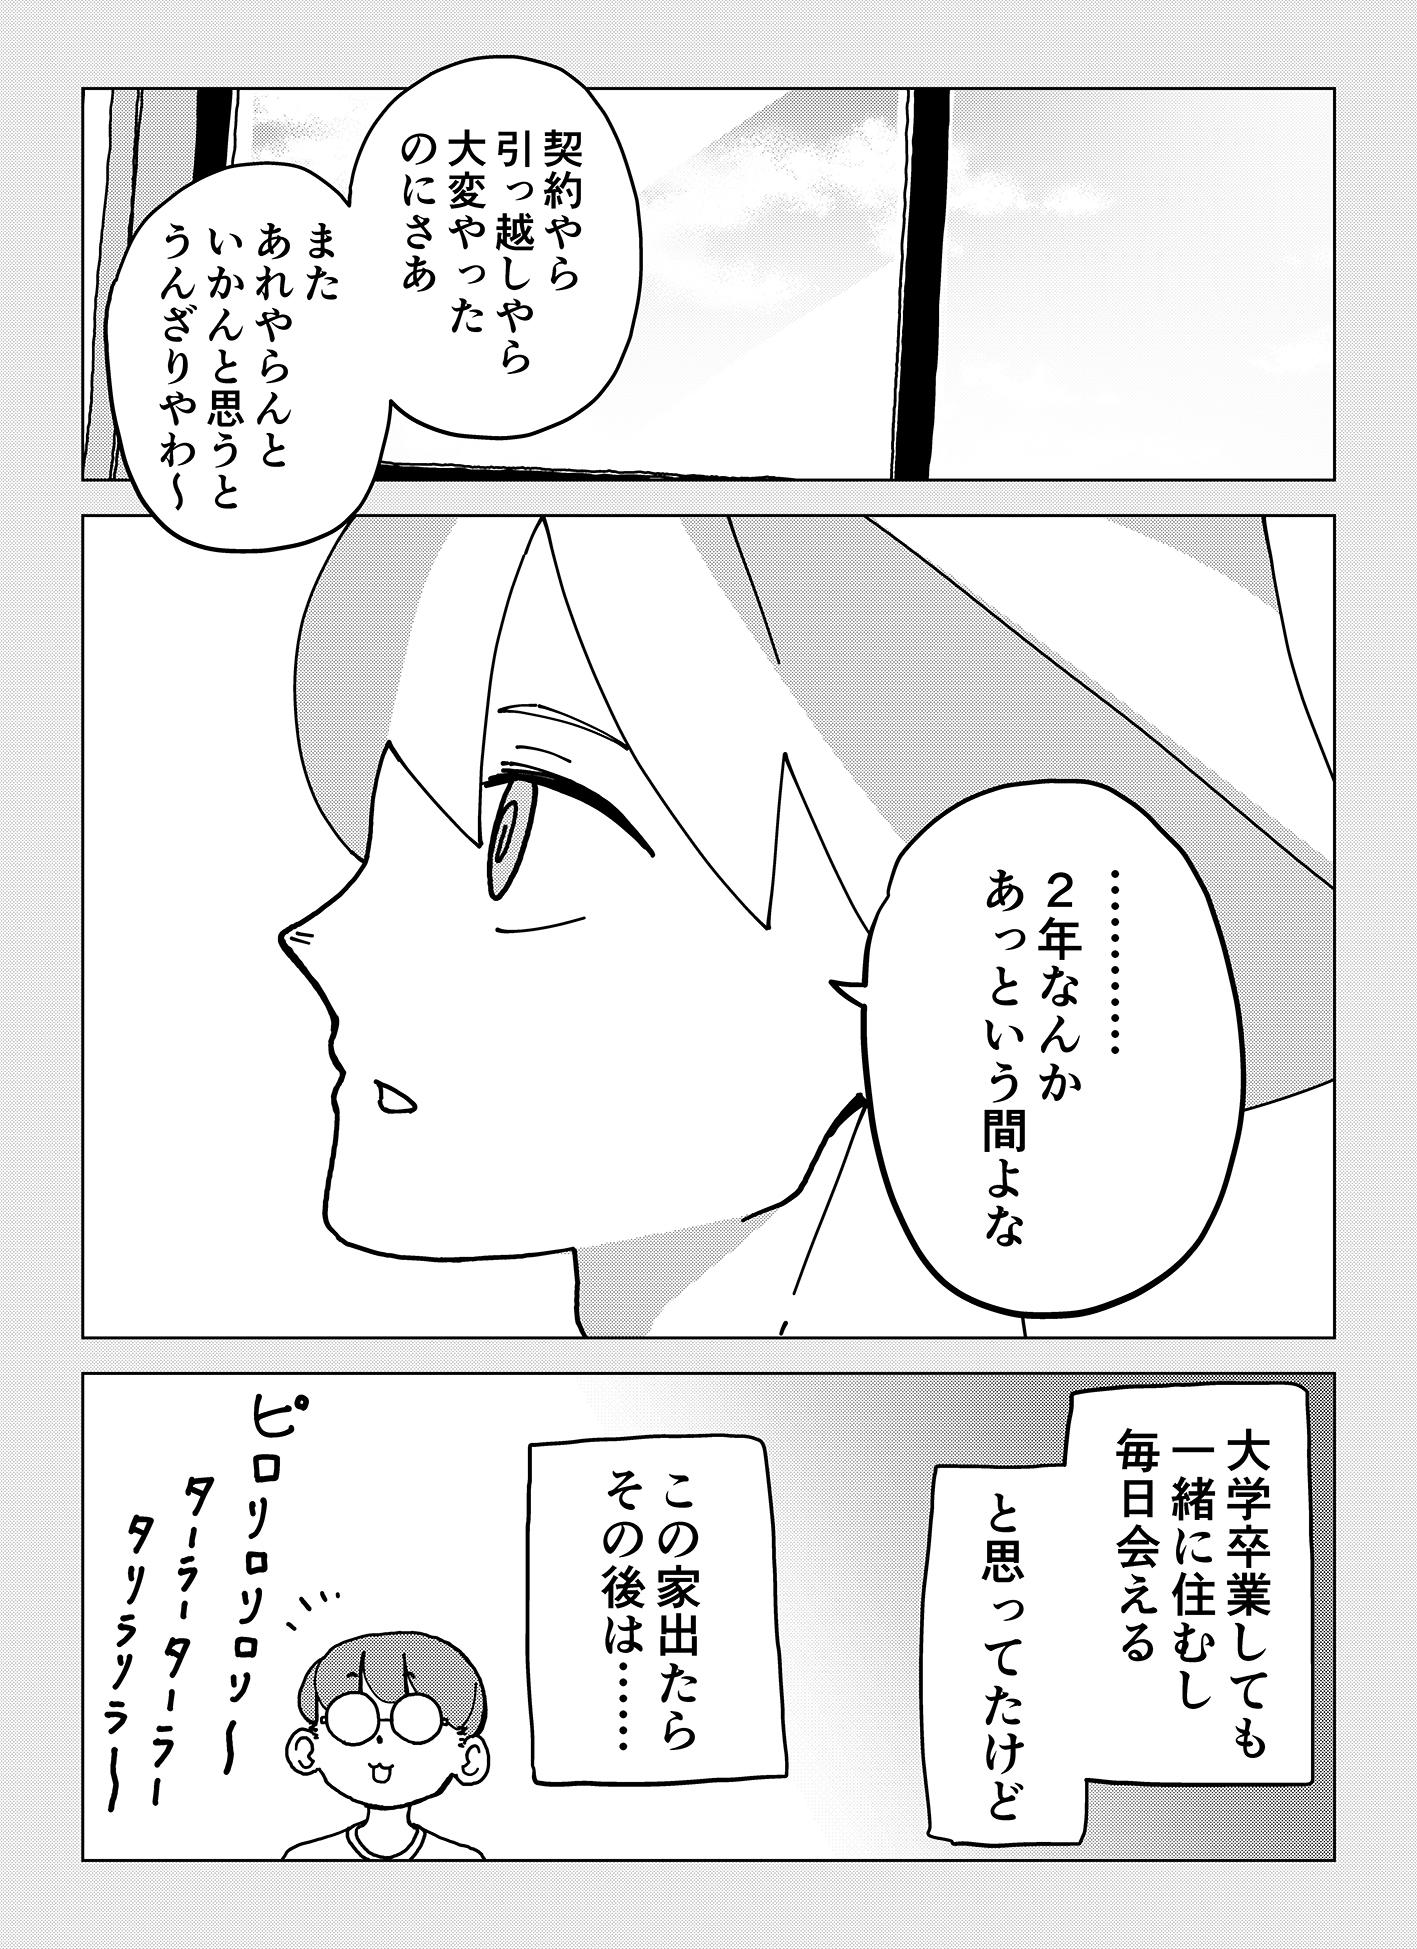 share_b_007